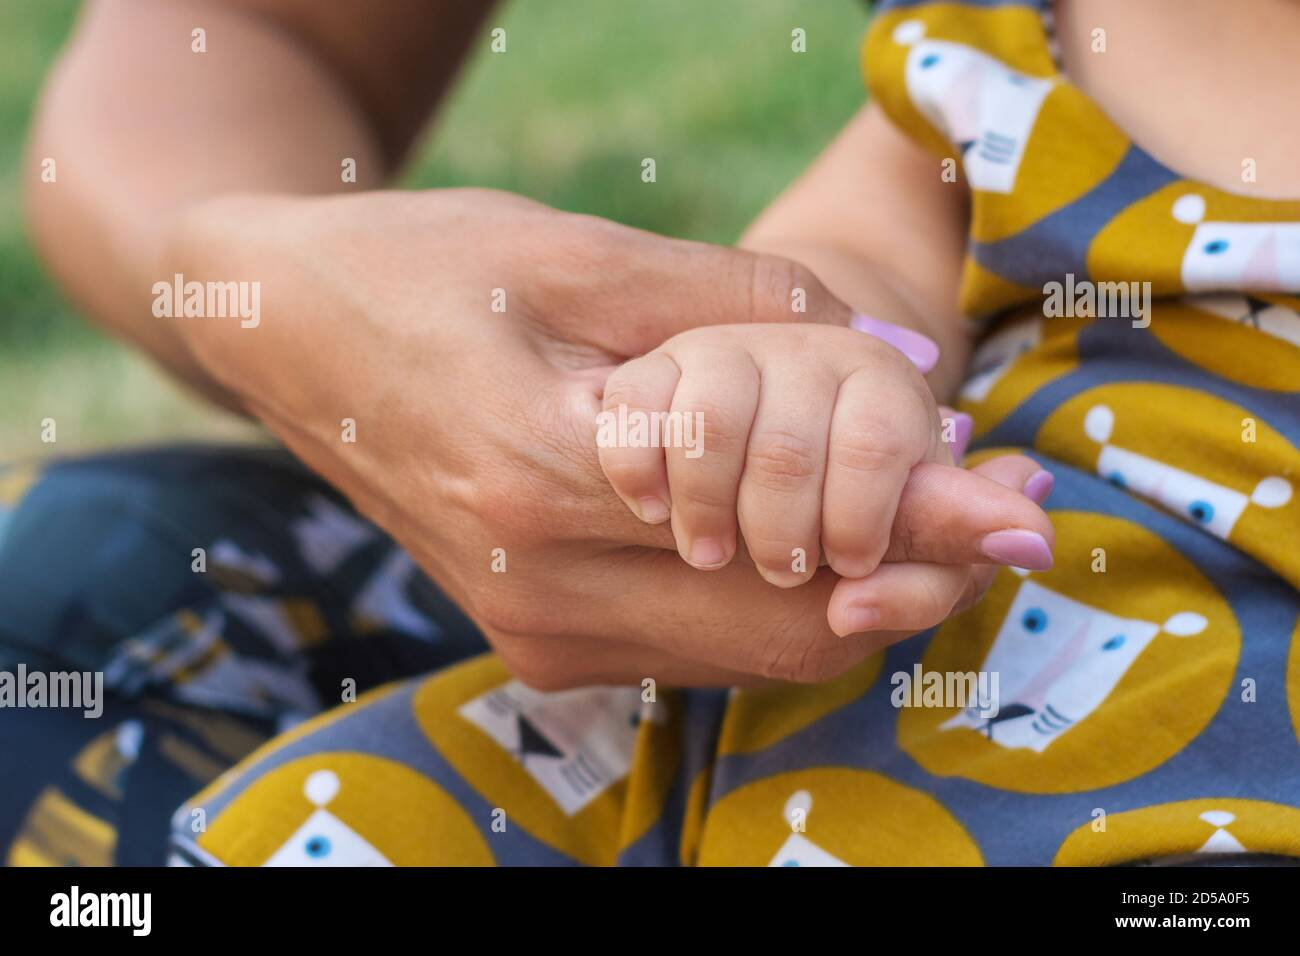 Une main de bébé tient la main de la mère. Concept de protection de la famille et du bébé heureux Banque D'Images